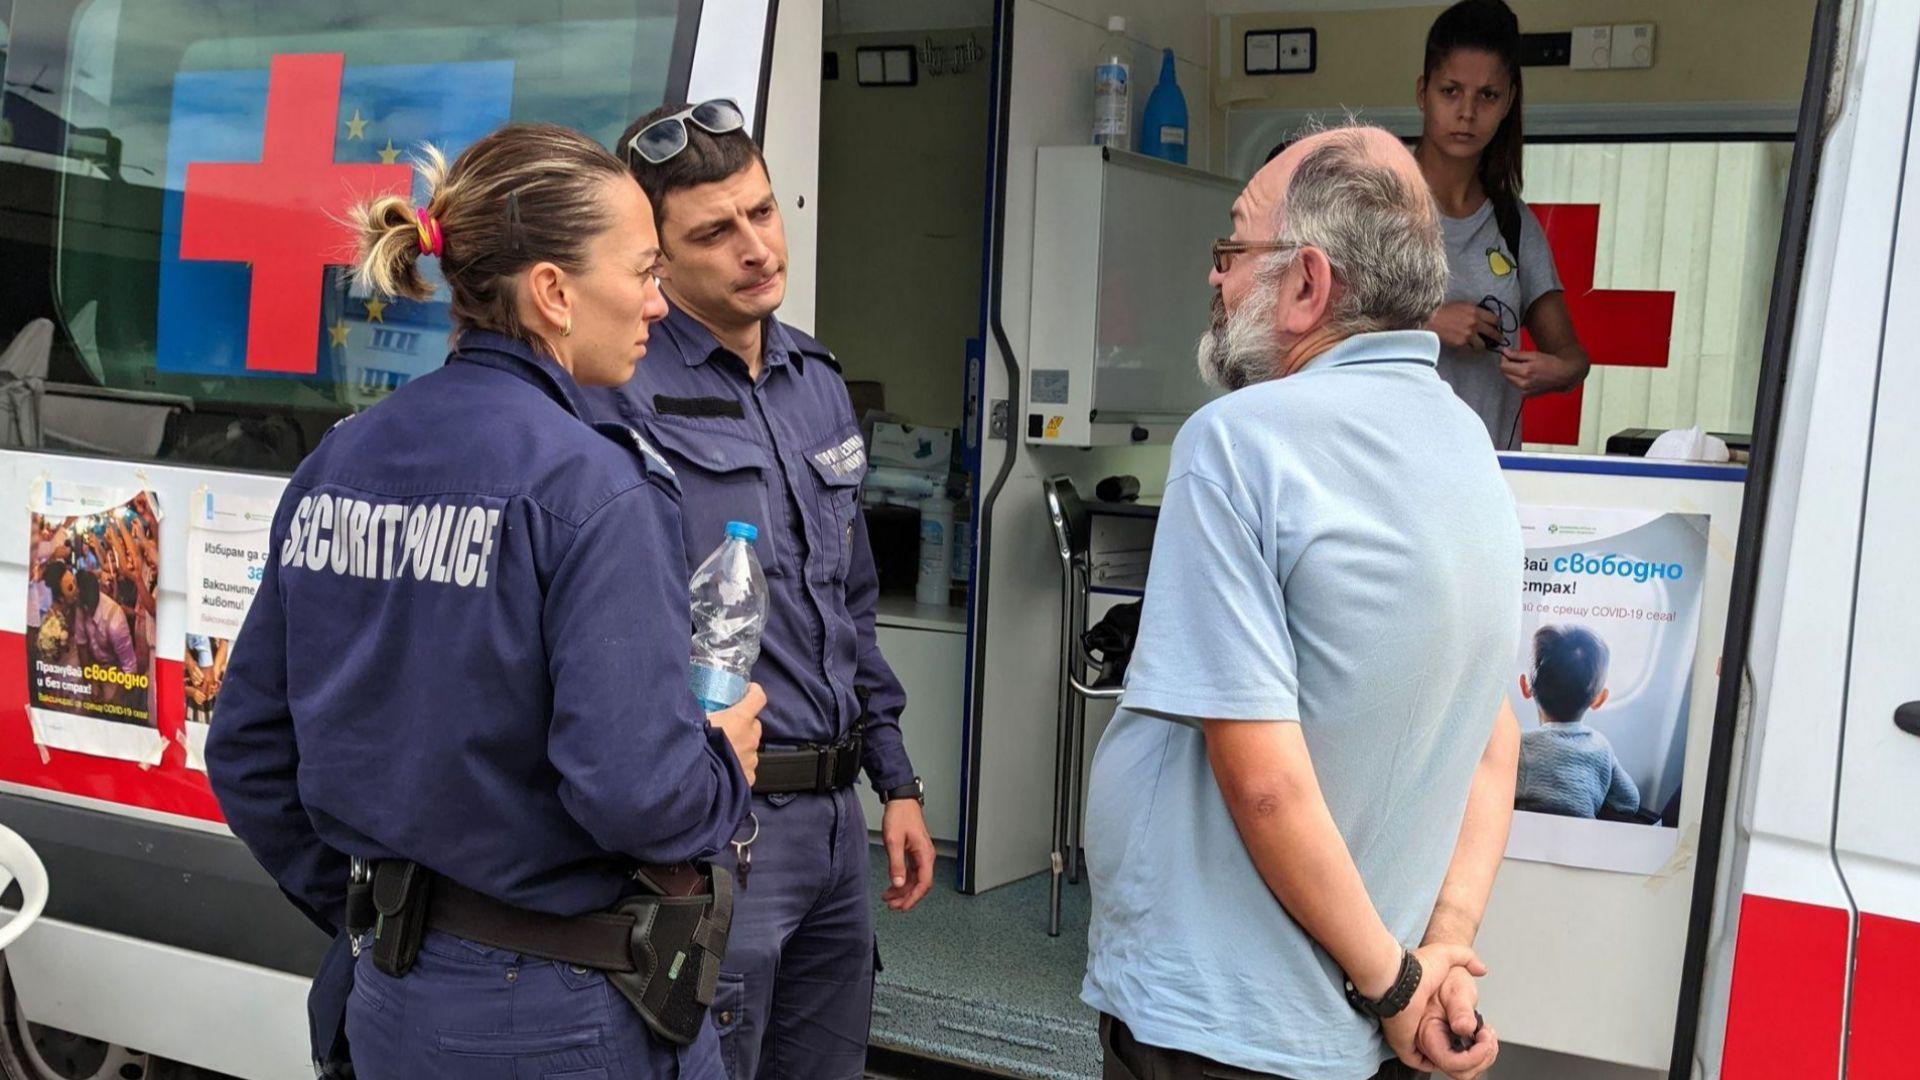 МЗ осъди остро атаката срещу ваксинационен пункт, прокуратурата търси извършителите